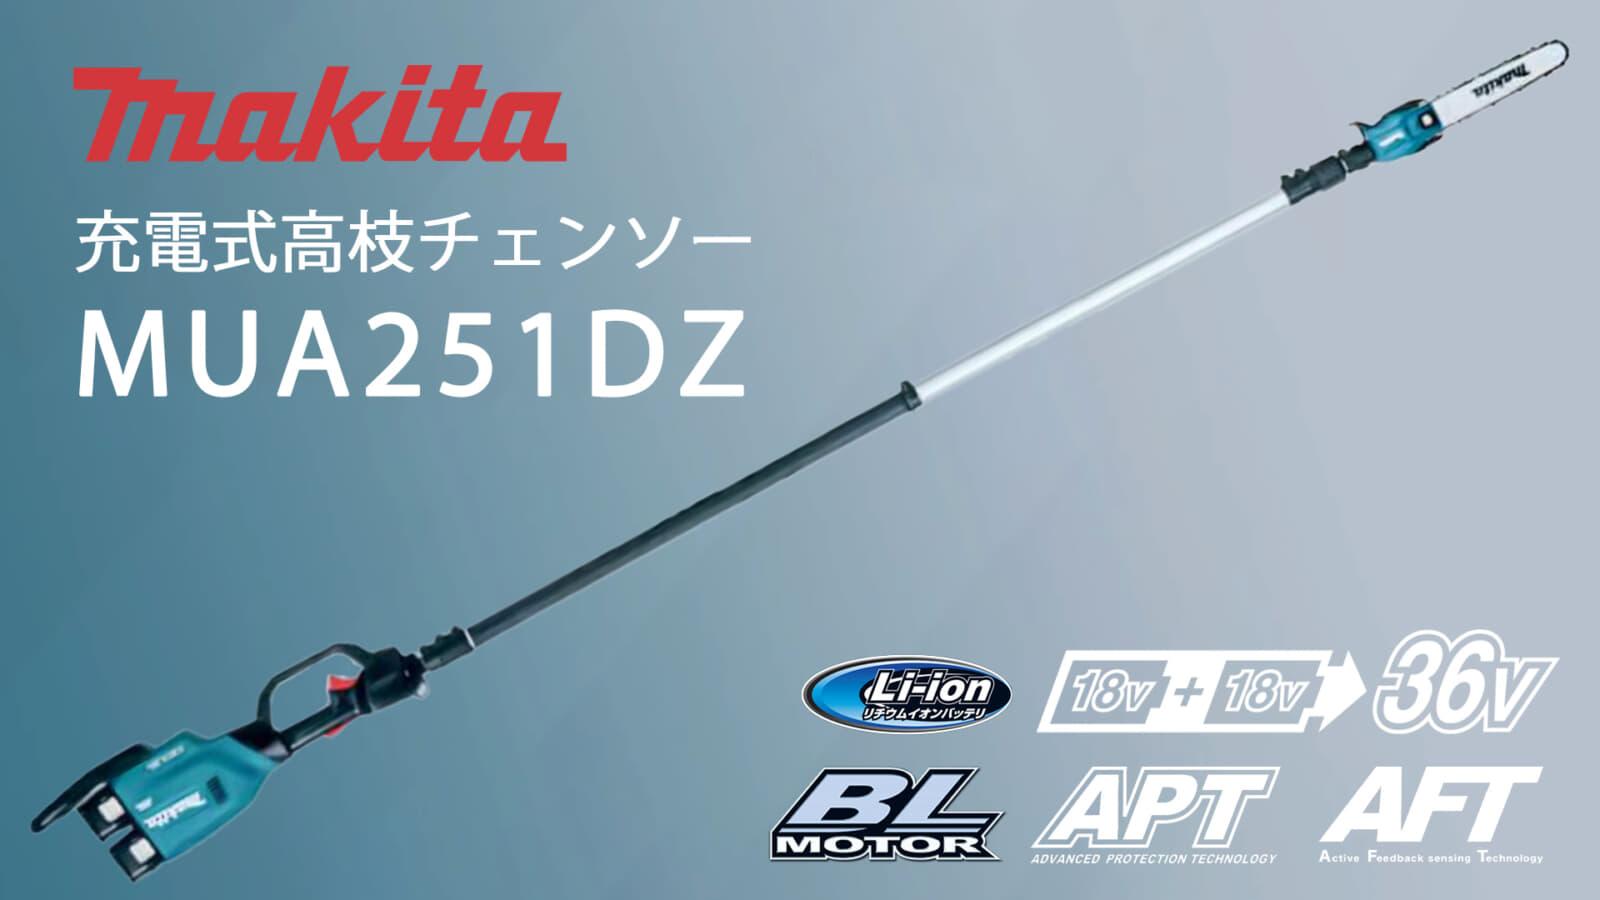 マキタ MUA251D 充電式高枝チェンソー、高さ5mの枝まで届くロングモデル